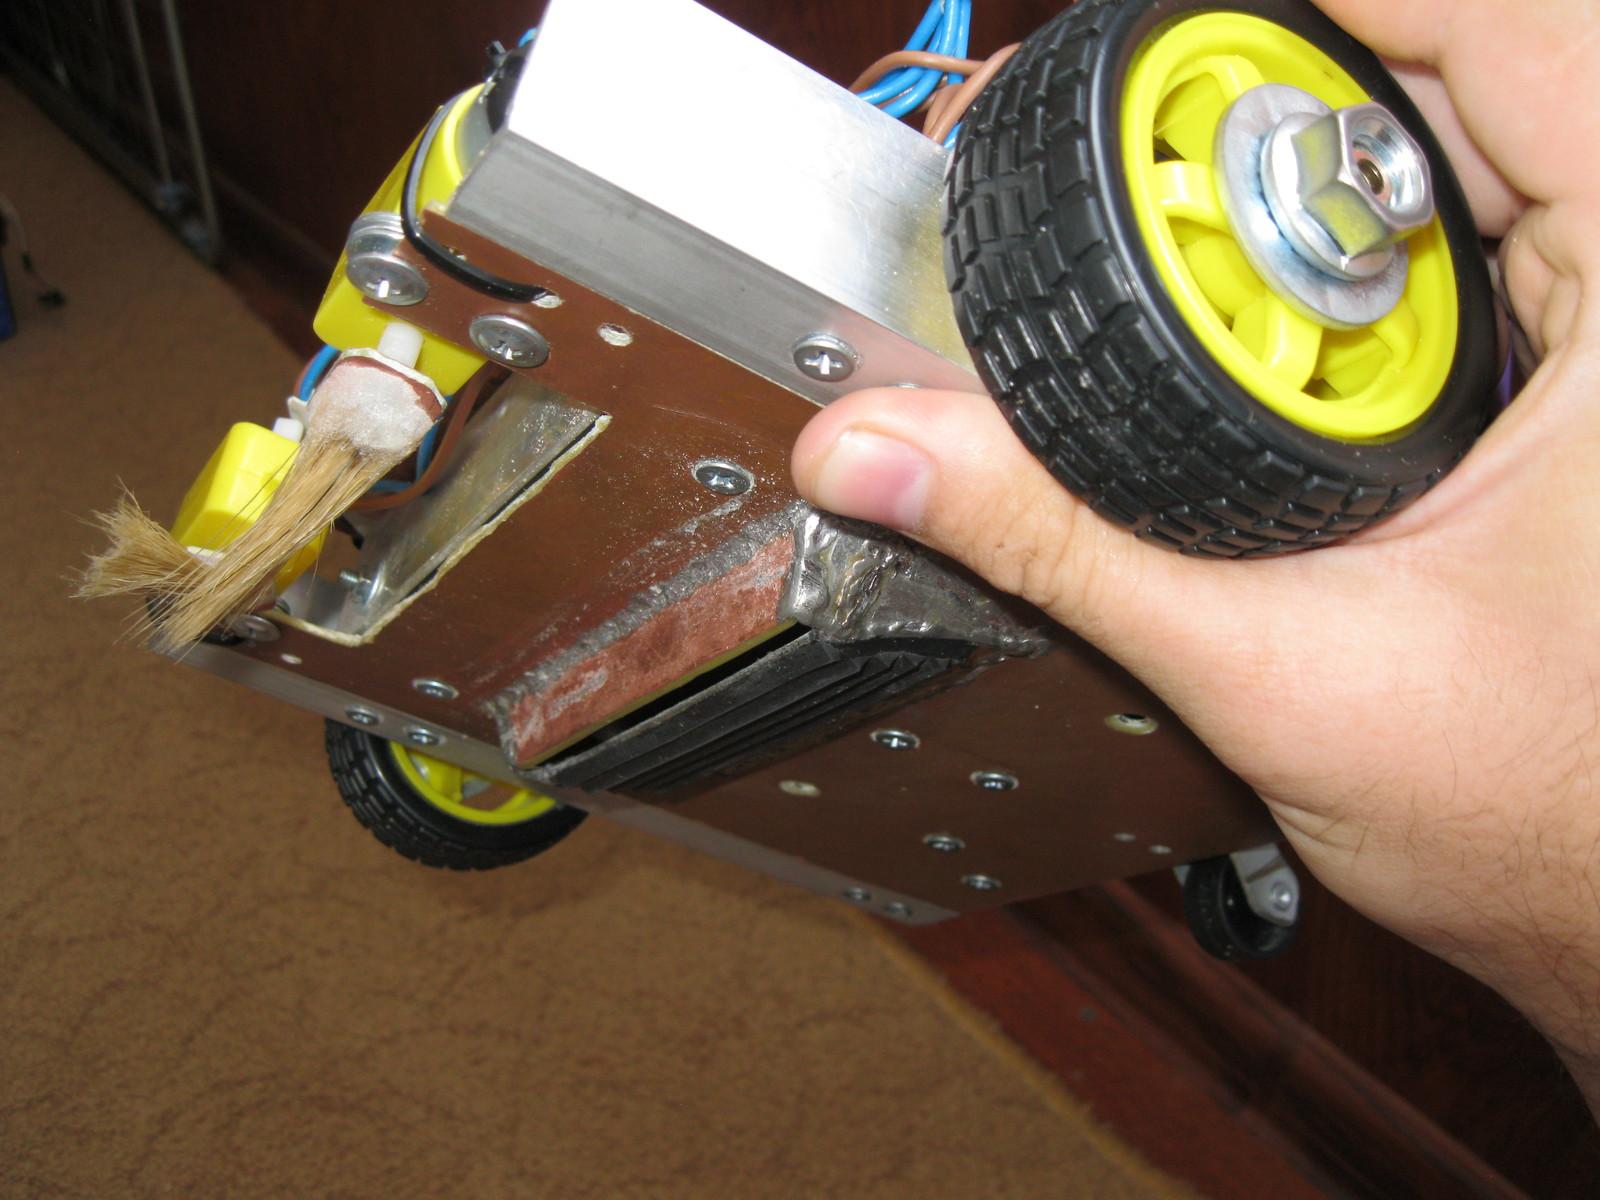 Как сделать робот пылесос своими руками фото 65